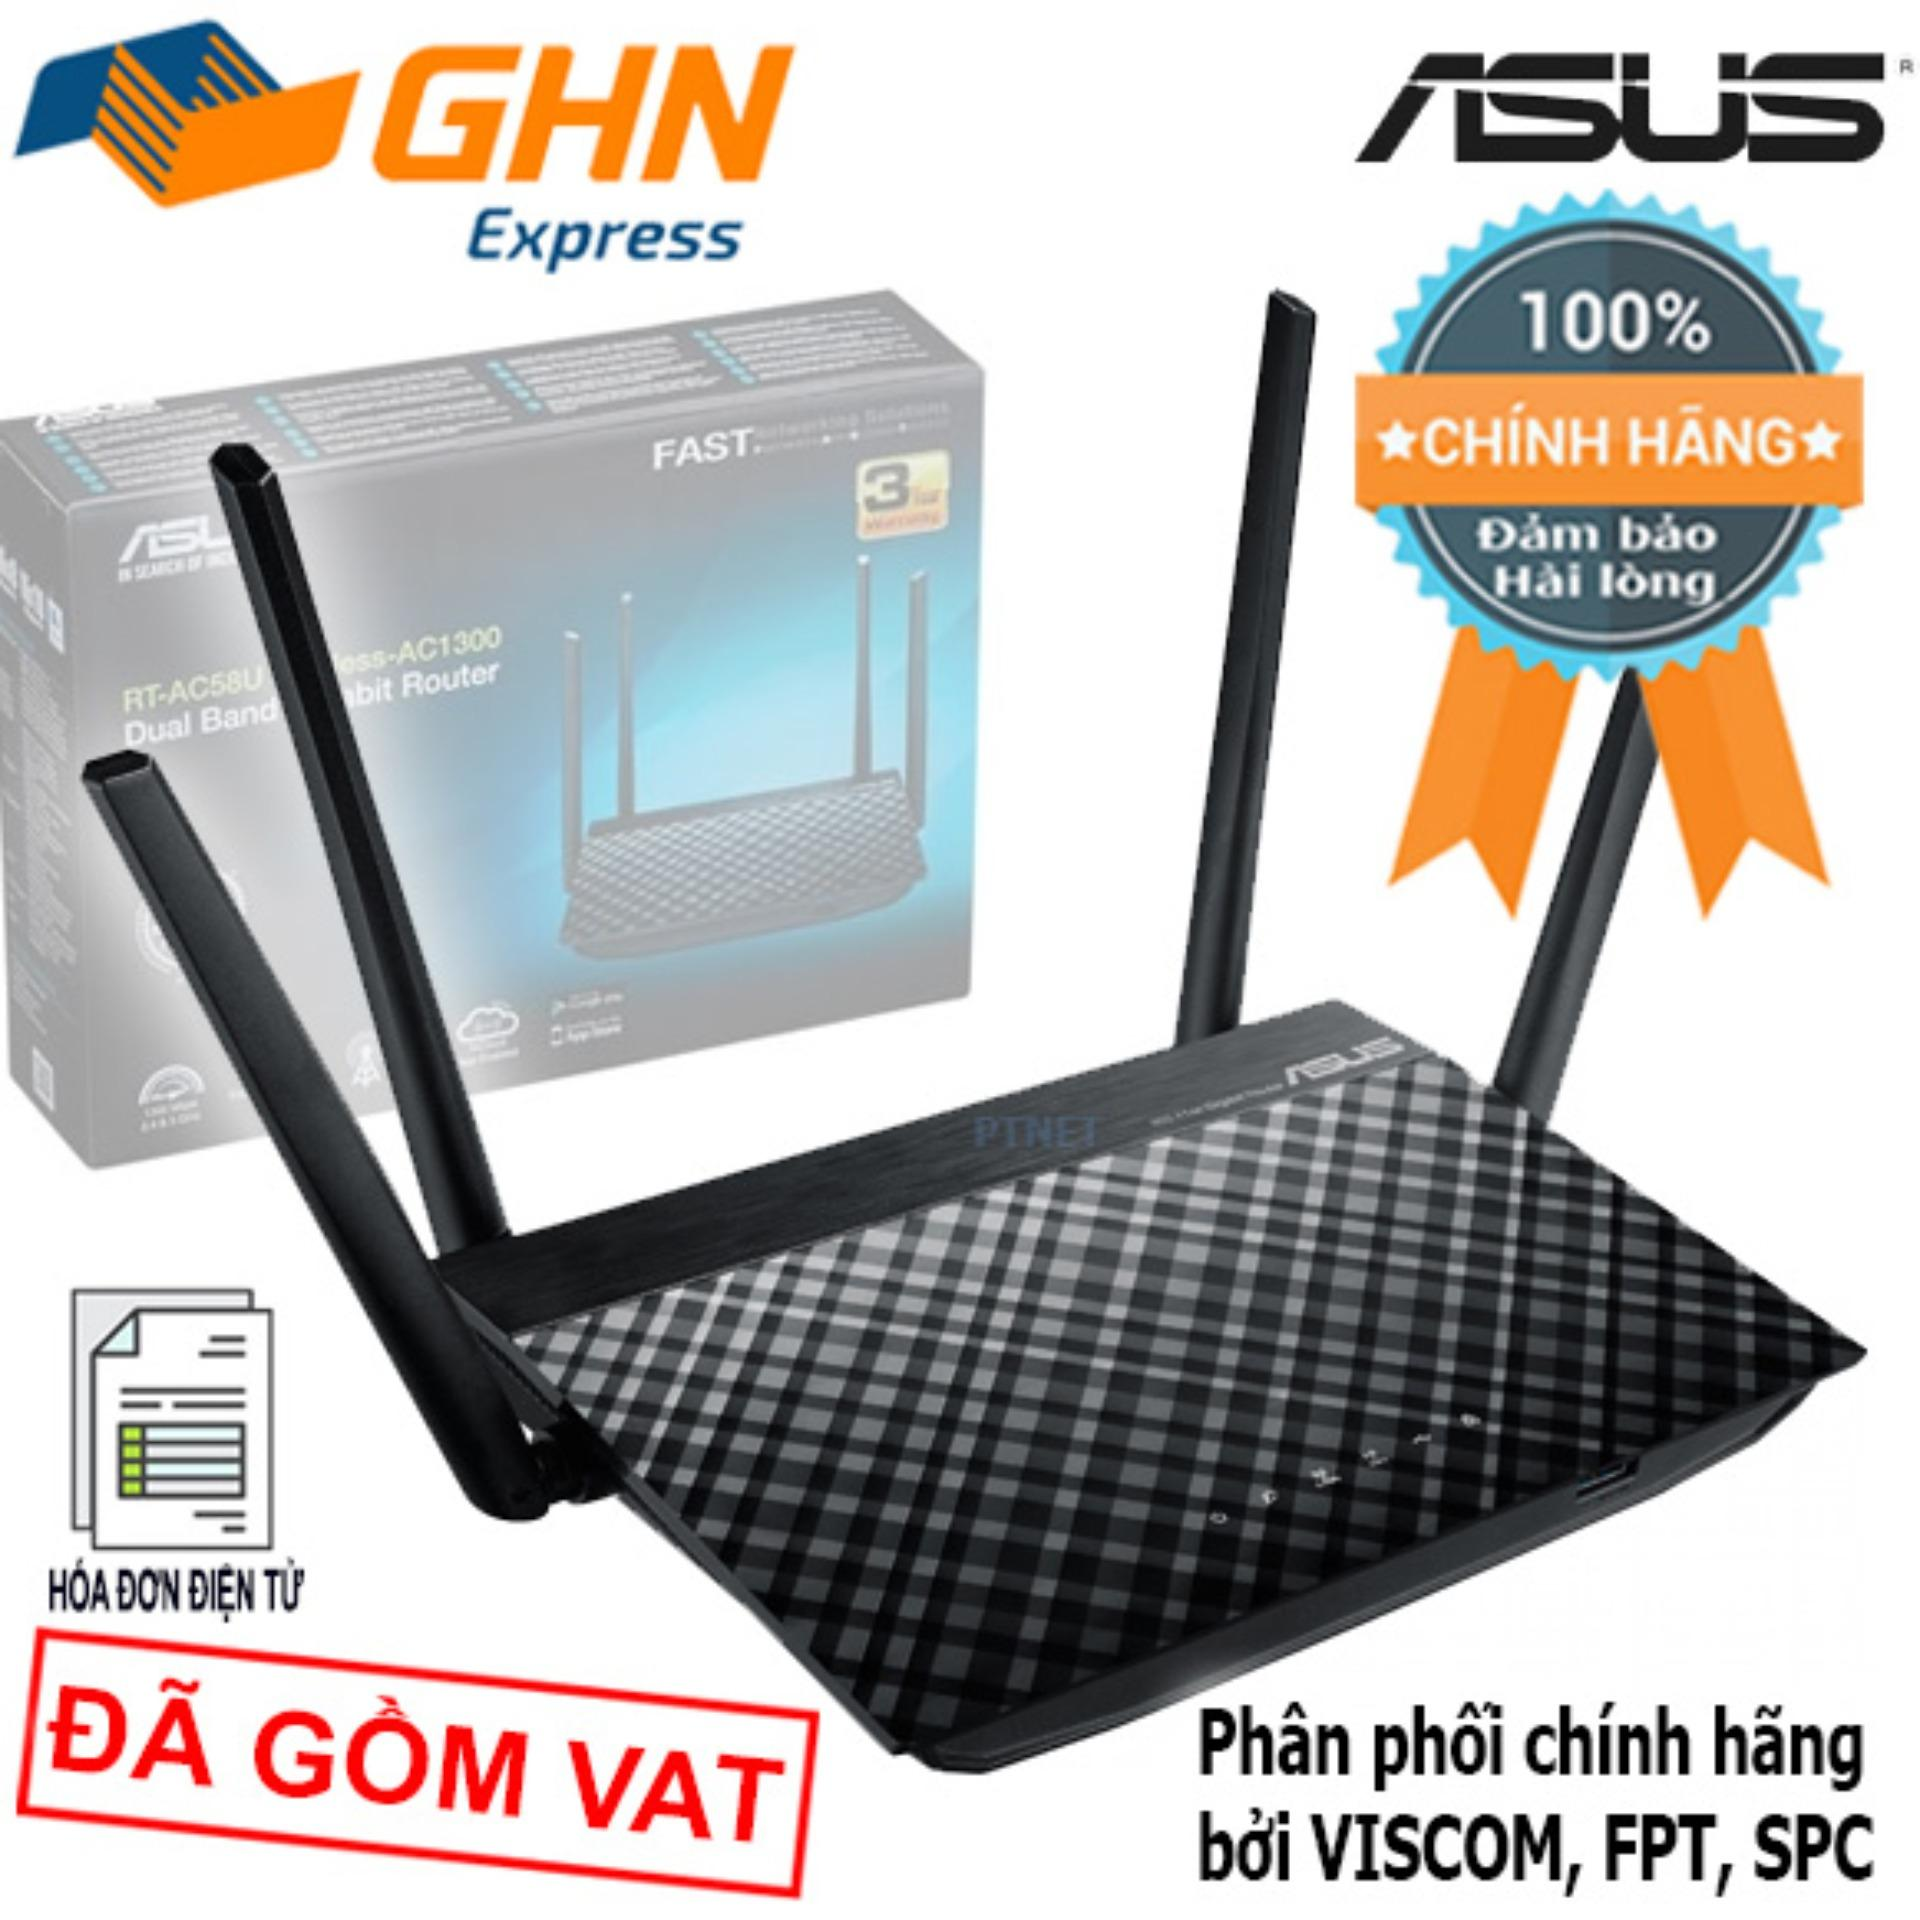 Giá Bộ phát sóng không dây công suất cao Asus RT-AC58U 4 Ăng-ten, siêu xuyên tường công nghệ AC1300, phủ sóng rộng (Đen -Black)